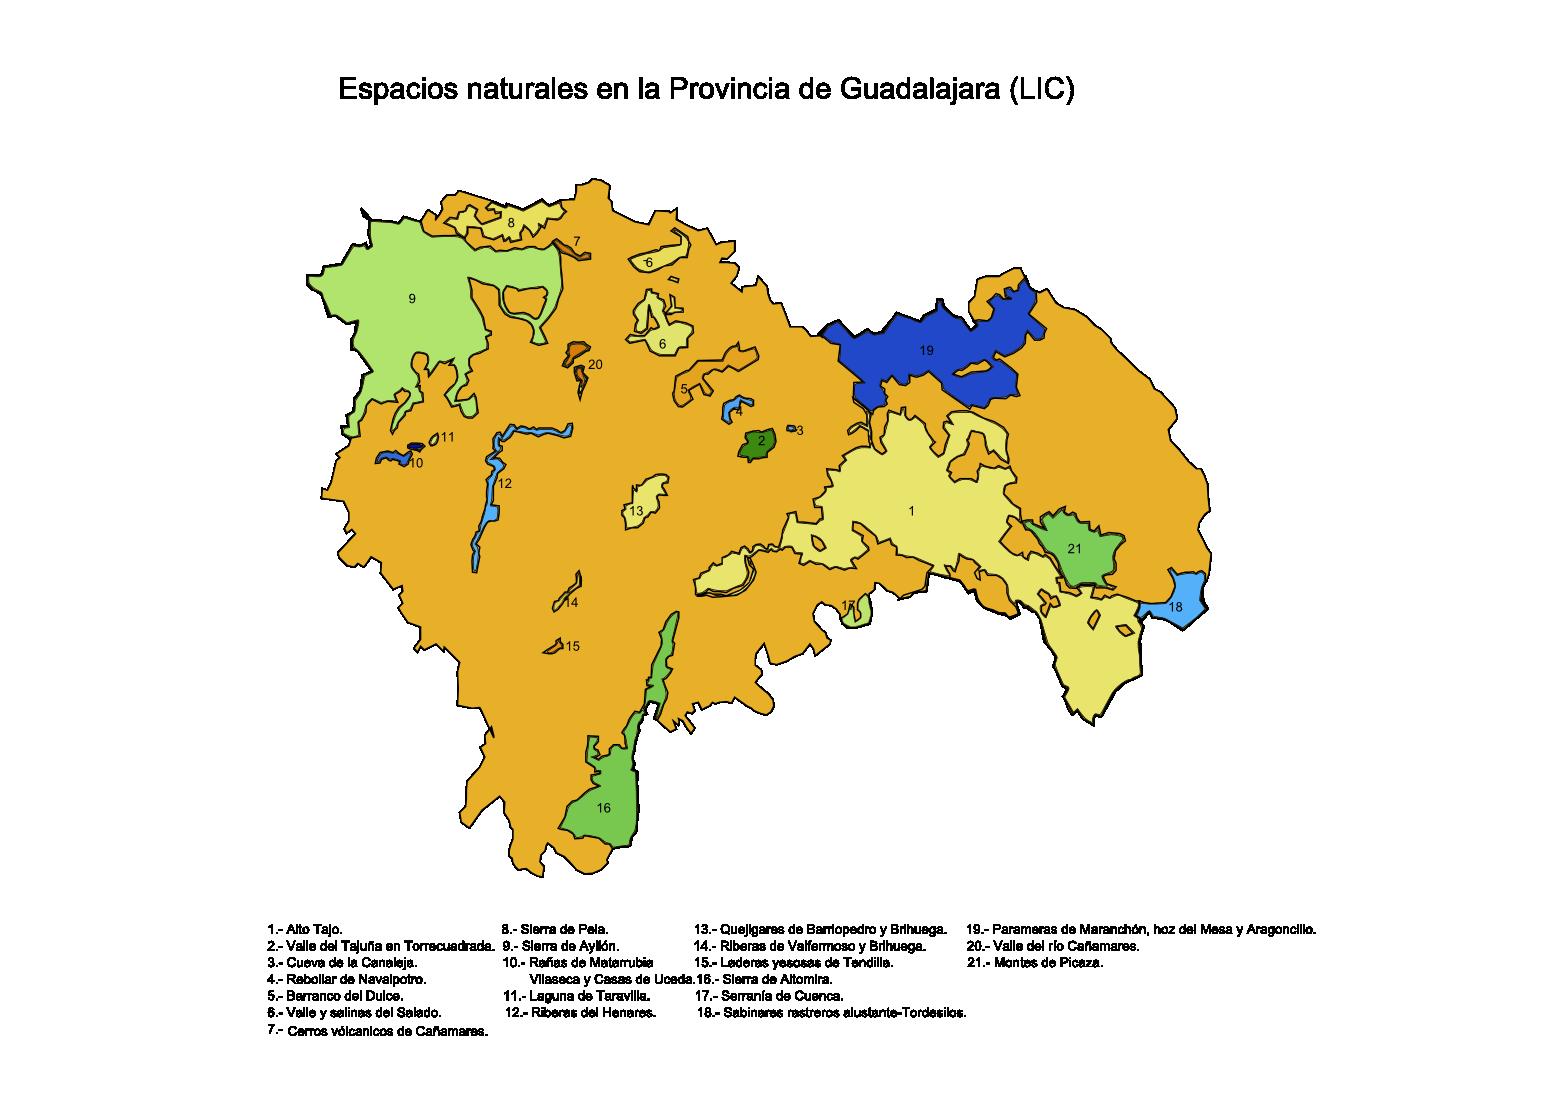 Lugares de Importancia Comunitaria (LIC) en la Provincia de Guadalajara 2008